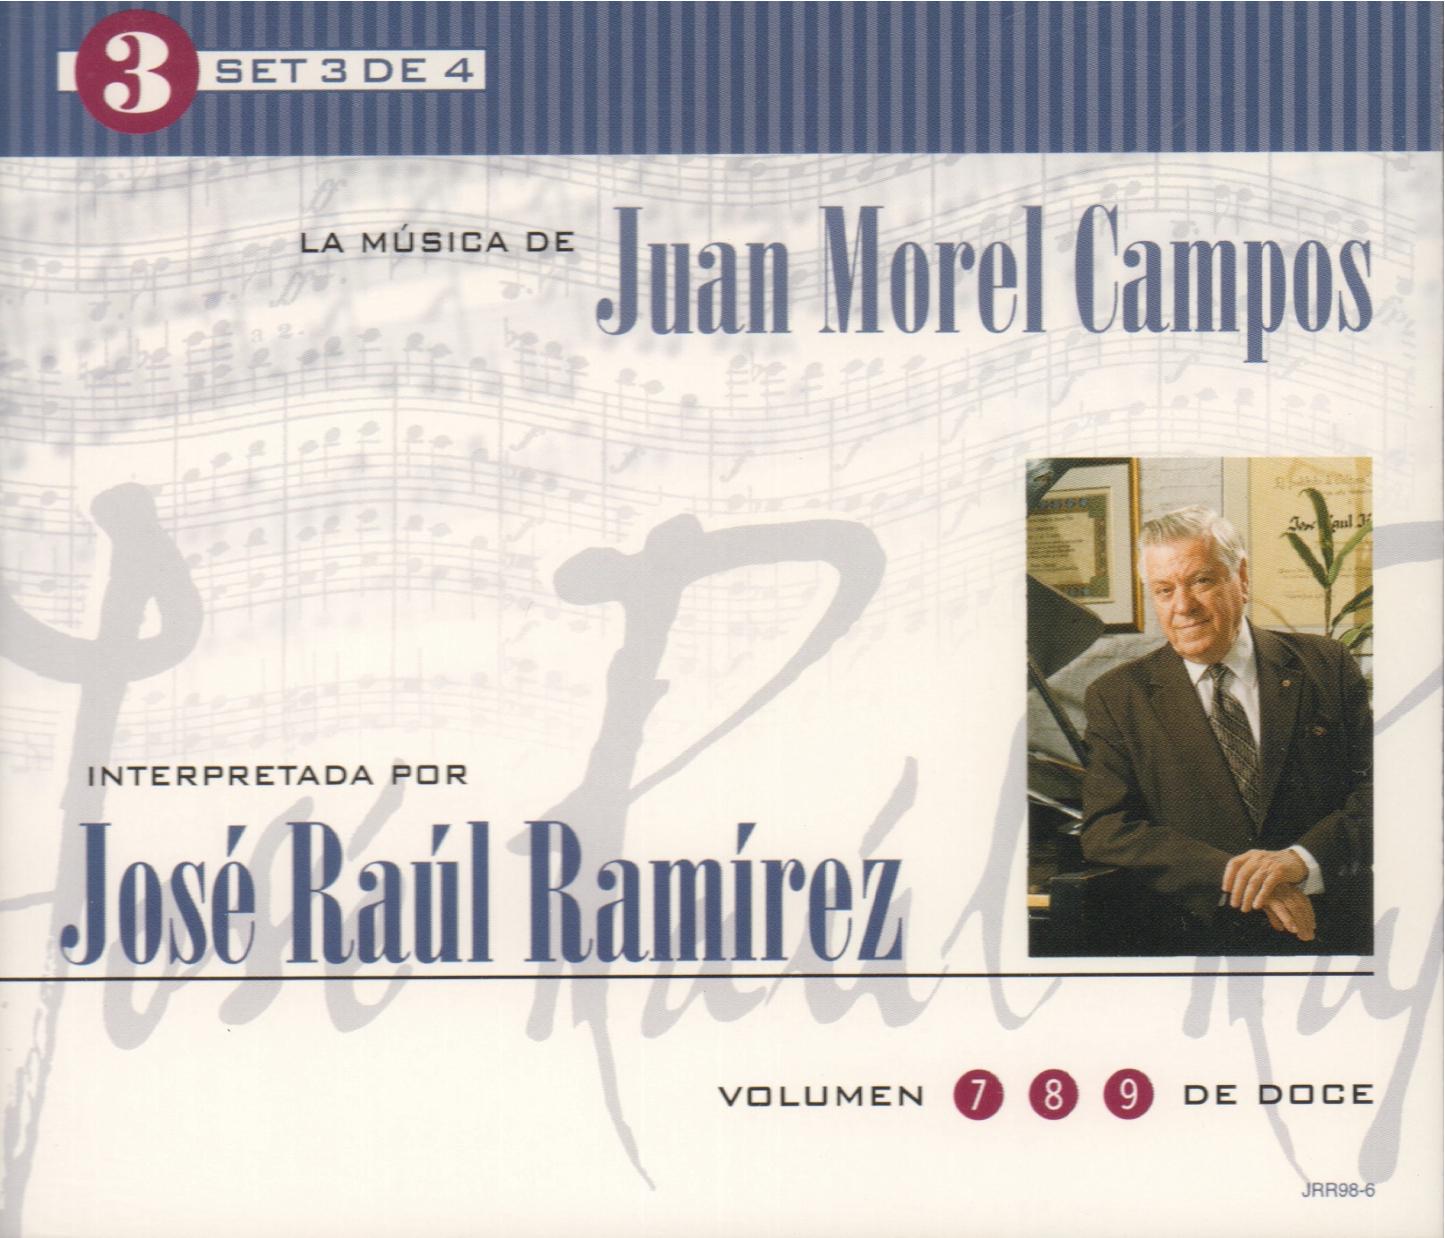 Set 3 de 4: La Música de Juan Morel Campos interpretada por José Raúl Ramírez